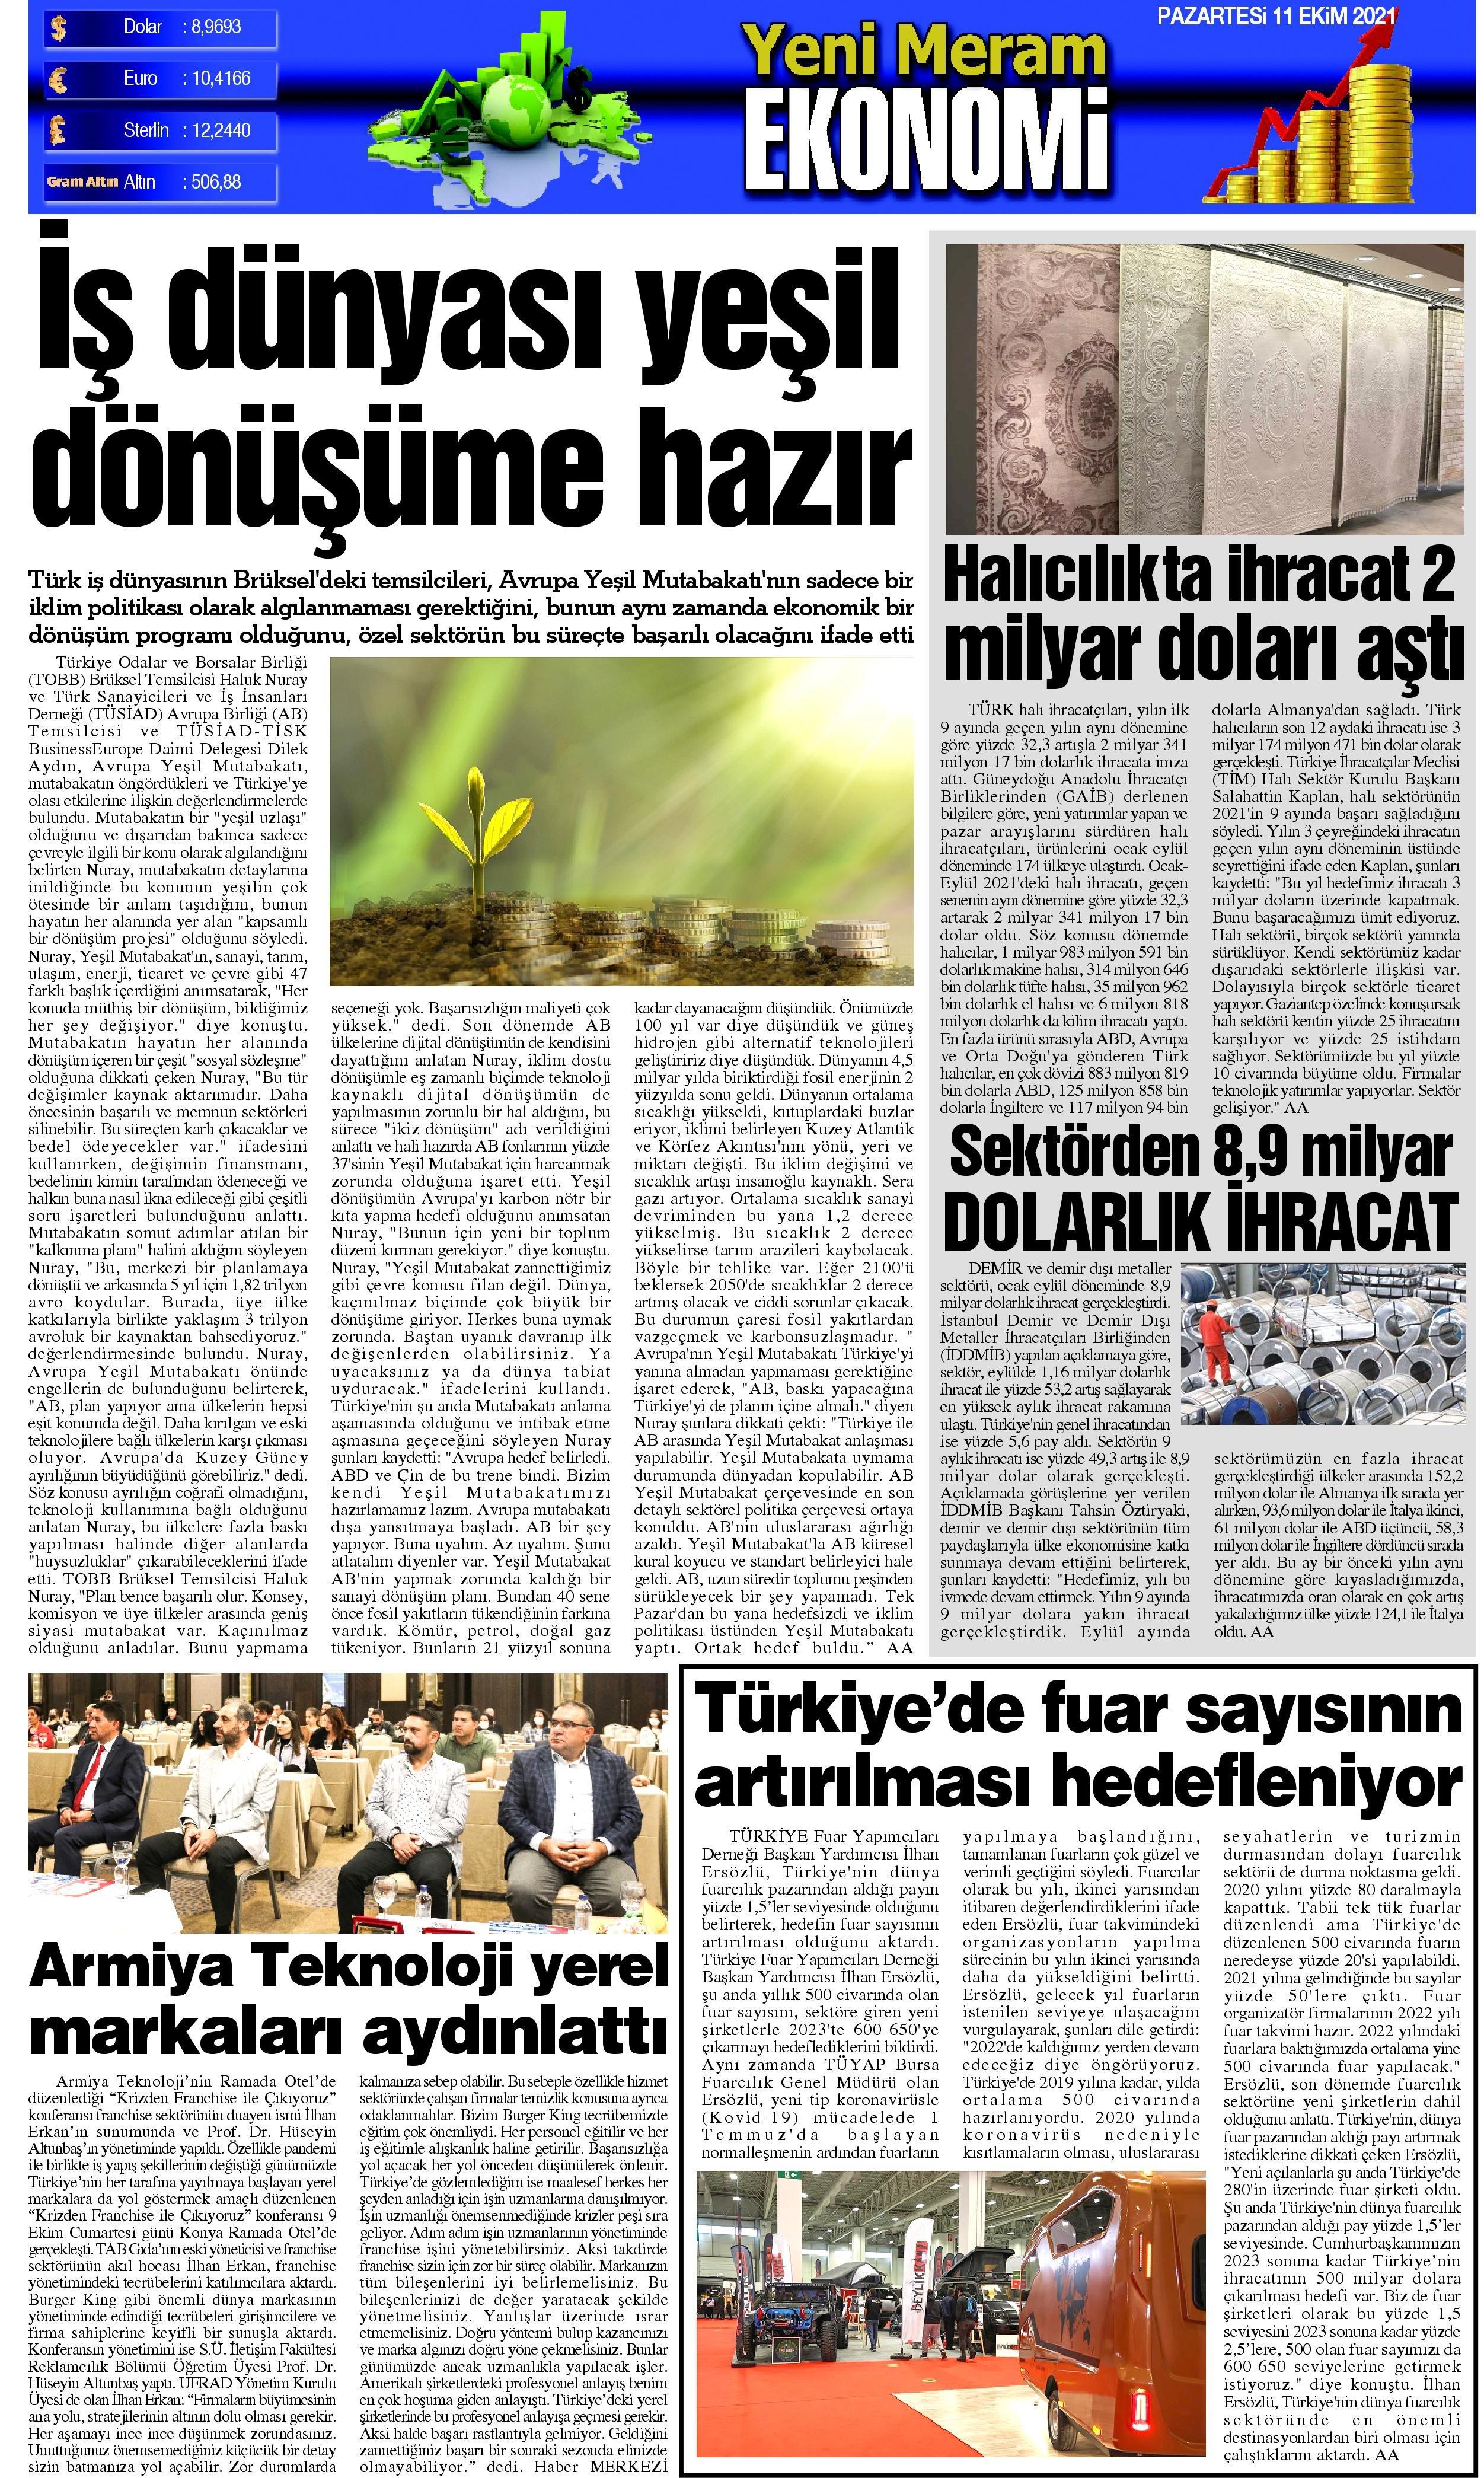 11 Ekim 2021 Yeni Meram Gazetesi